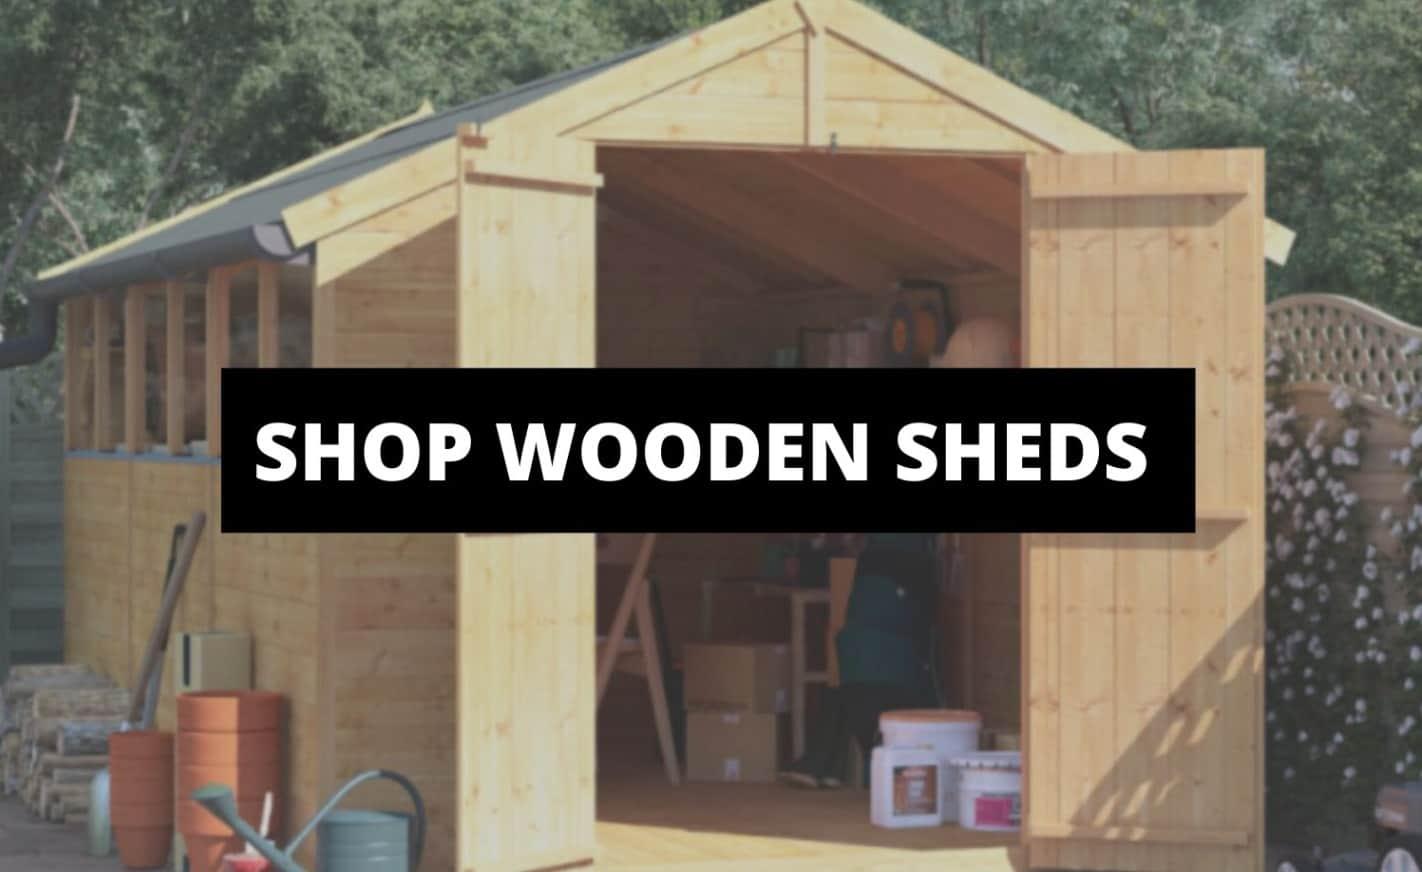 wooden-garden-shed-benefits-1-shop-wooden-sheds